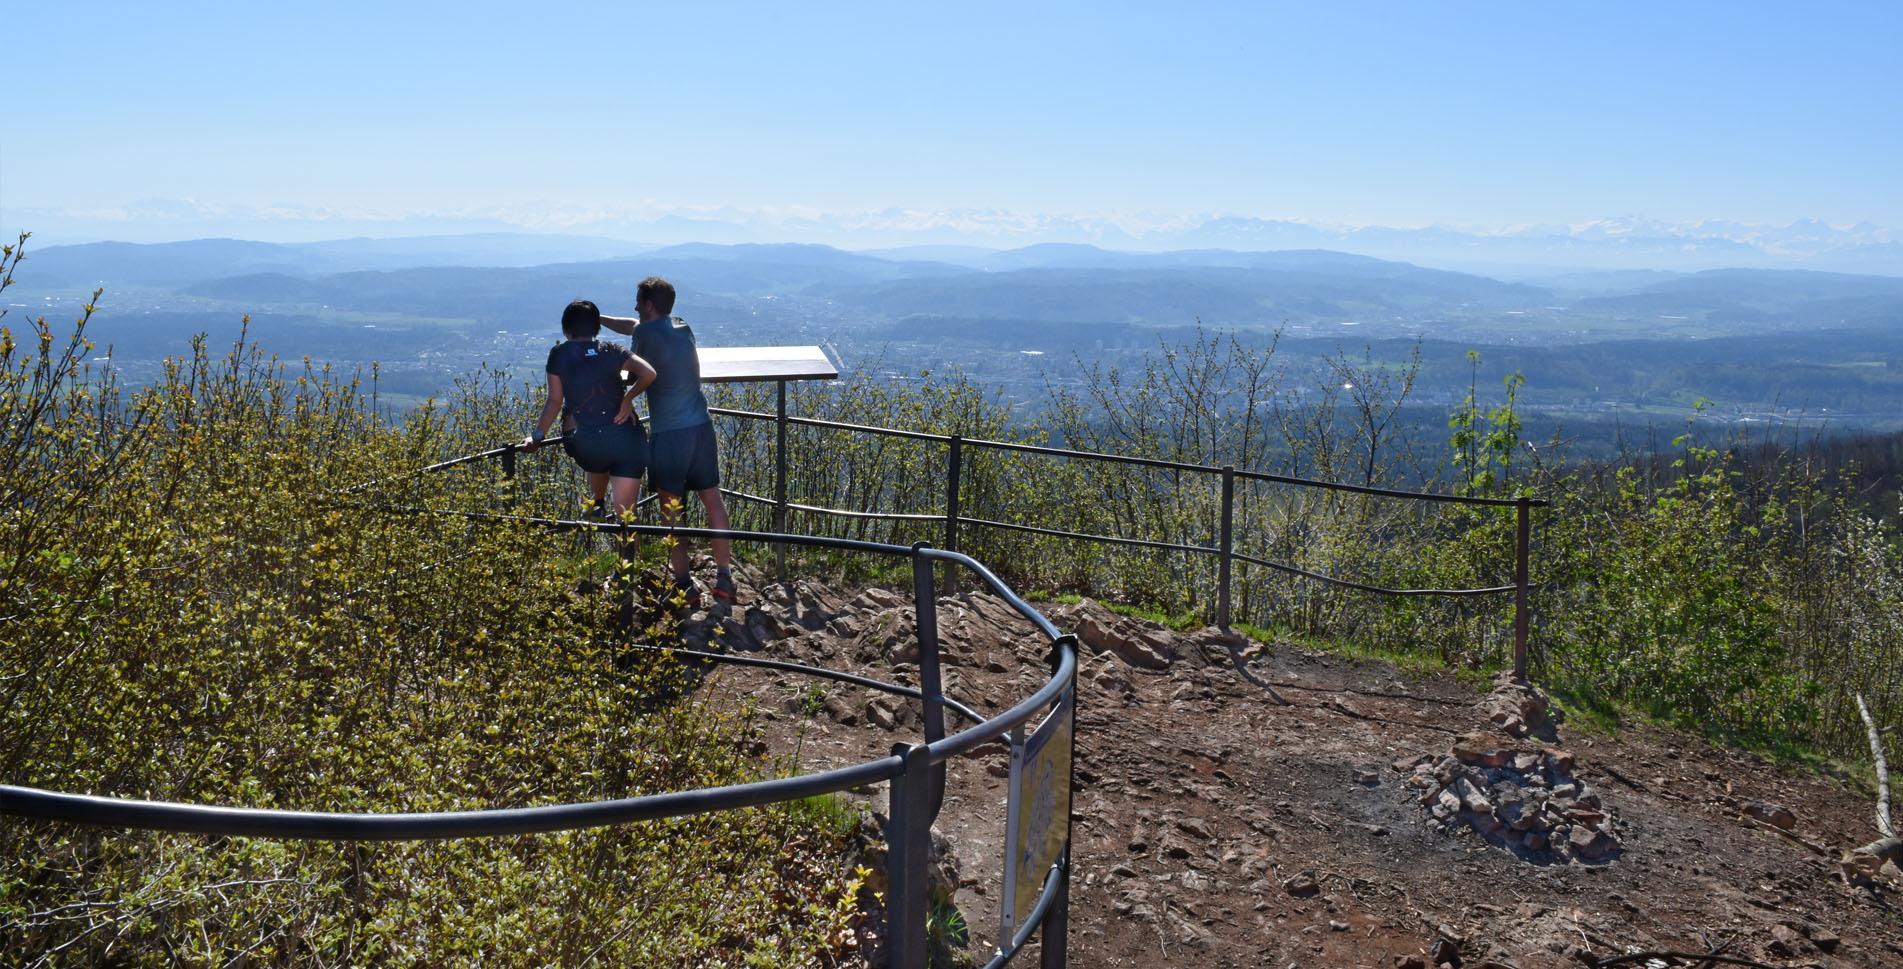 Wanderung von der Salhöhe zum Aussichtspunkt Wasserflue und weiter via Brunnenberg, Restaurant Waldhaus Gehren, Alpenzeiger nach Aarau.